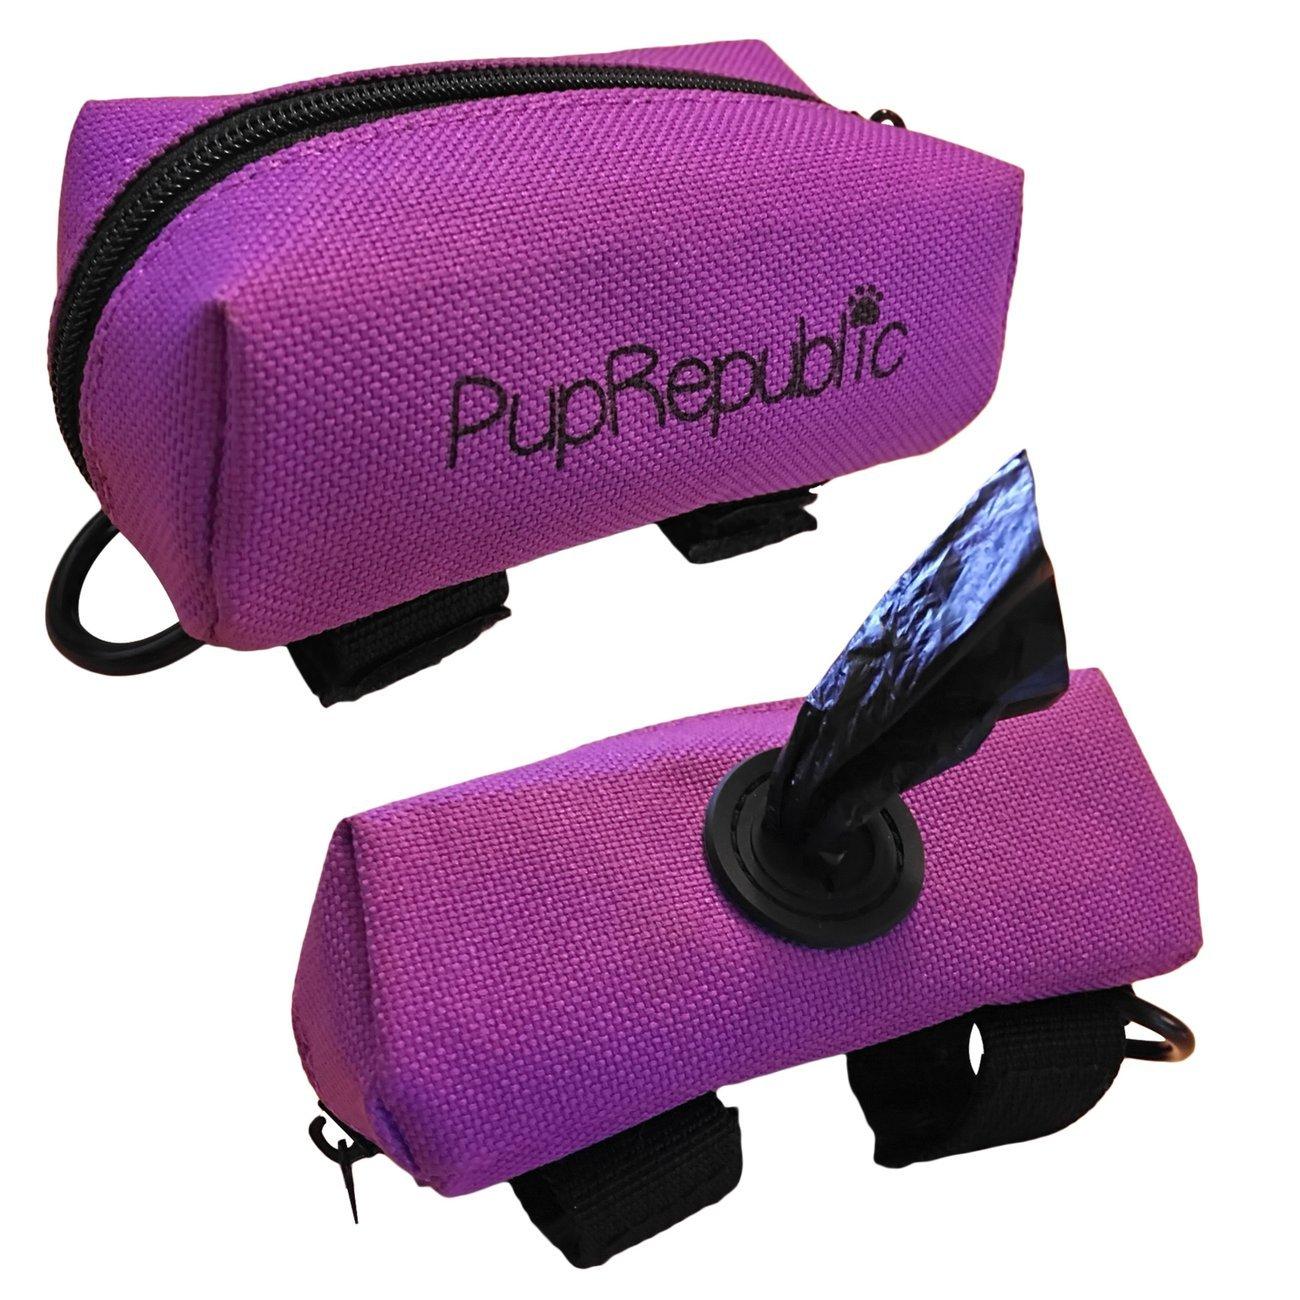 PupRepublic Soporte para bolsa de perro para guardar la correa, dispensador de bolsas de basura, soporta golosinas, ligero para correr, hacer calzado, correr